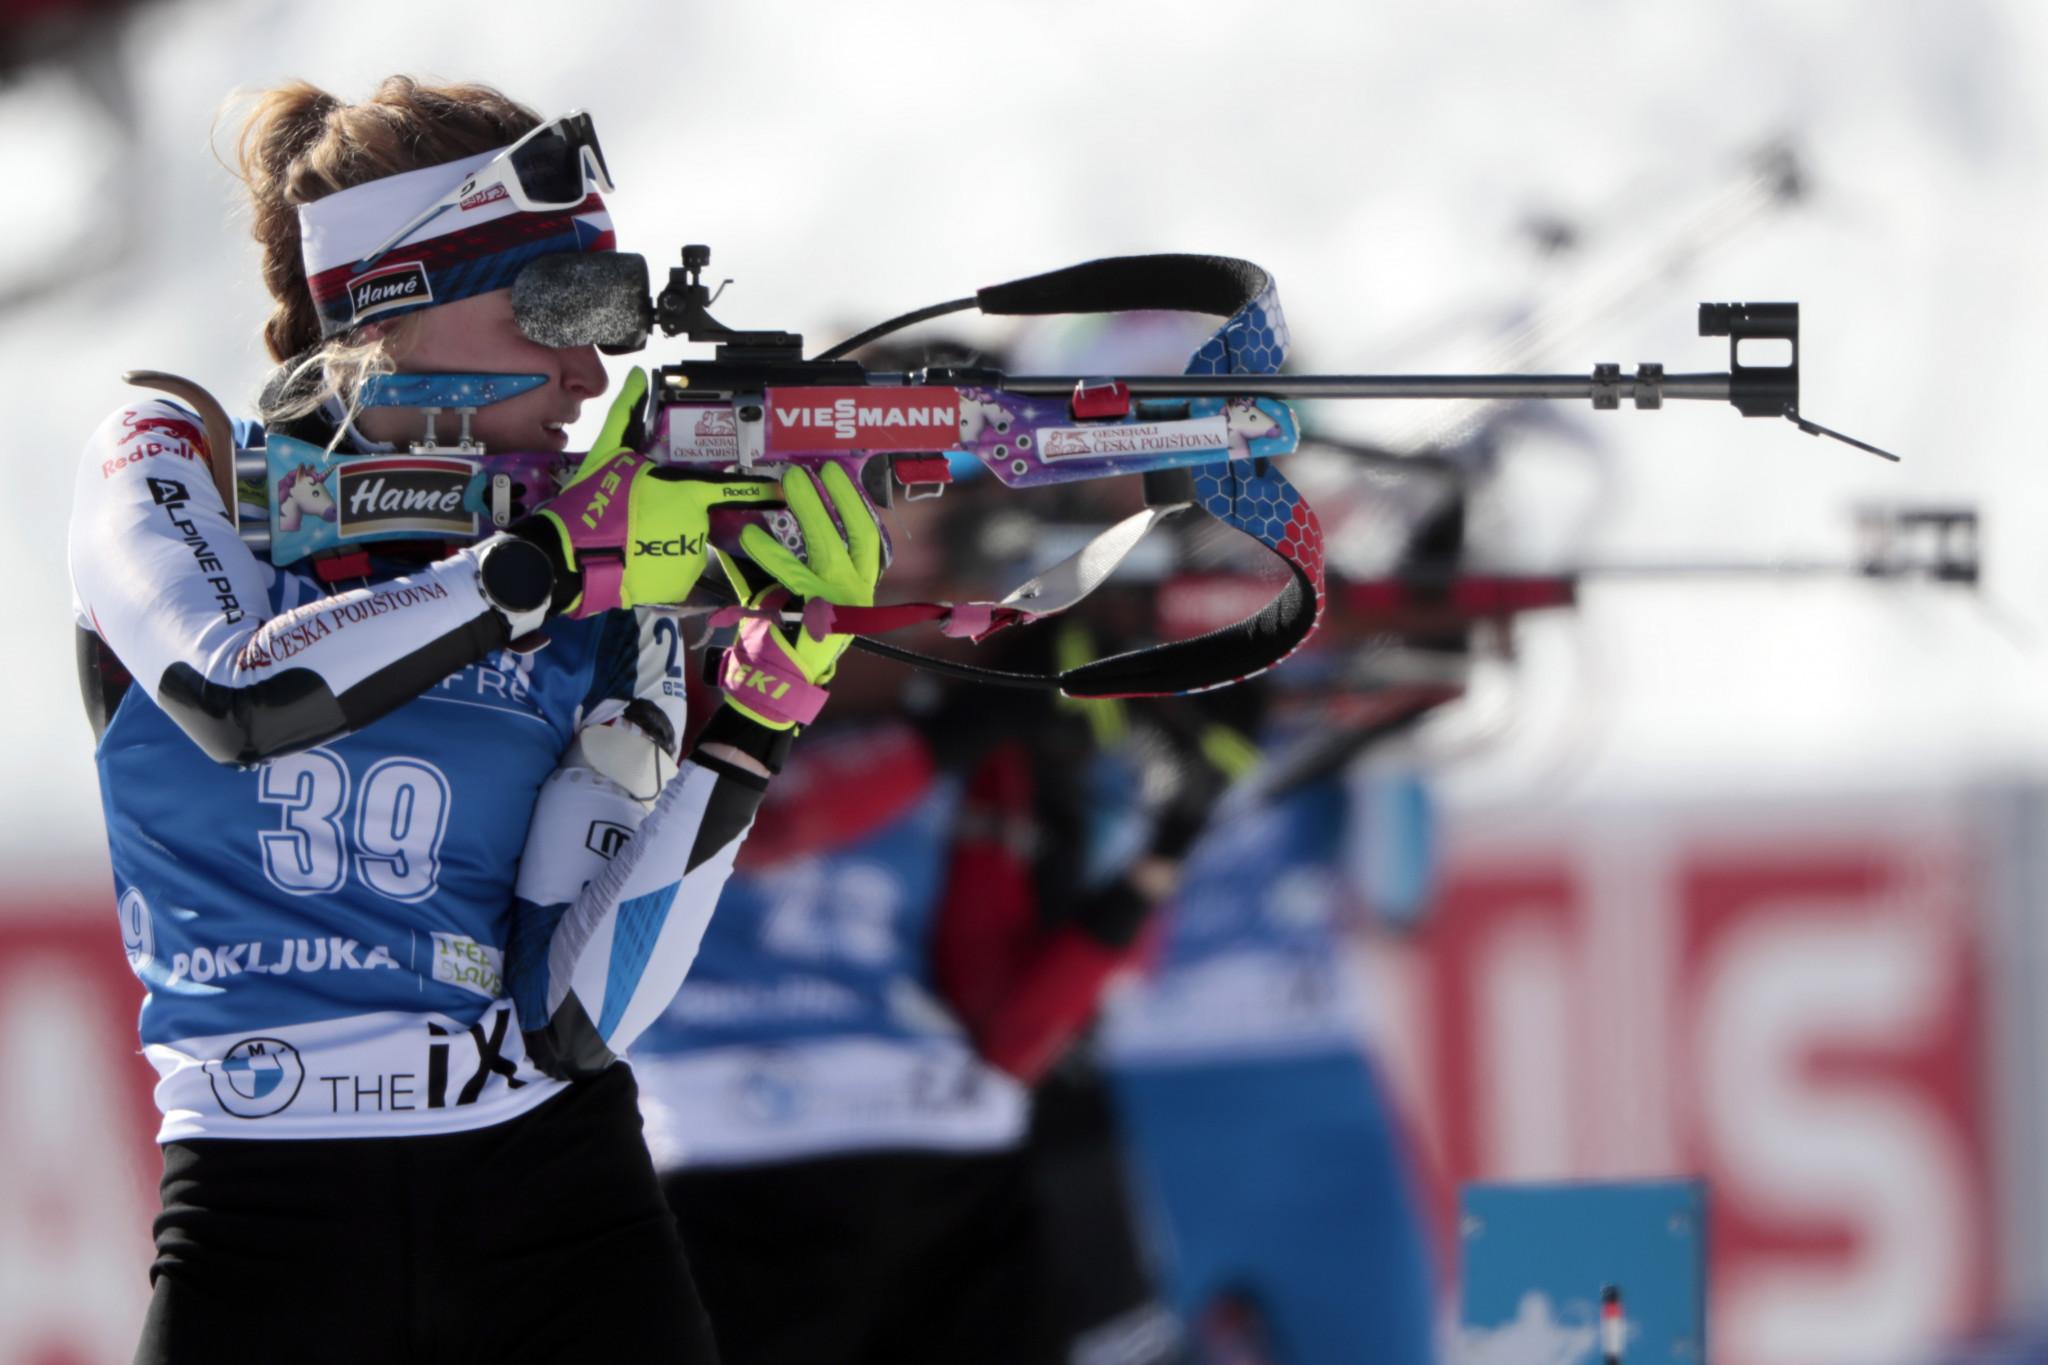 Krčmář and Davidová deliver Czech double at IBU Summer Biathlon World Championships